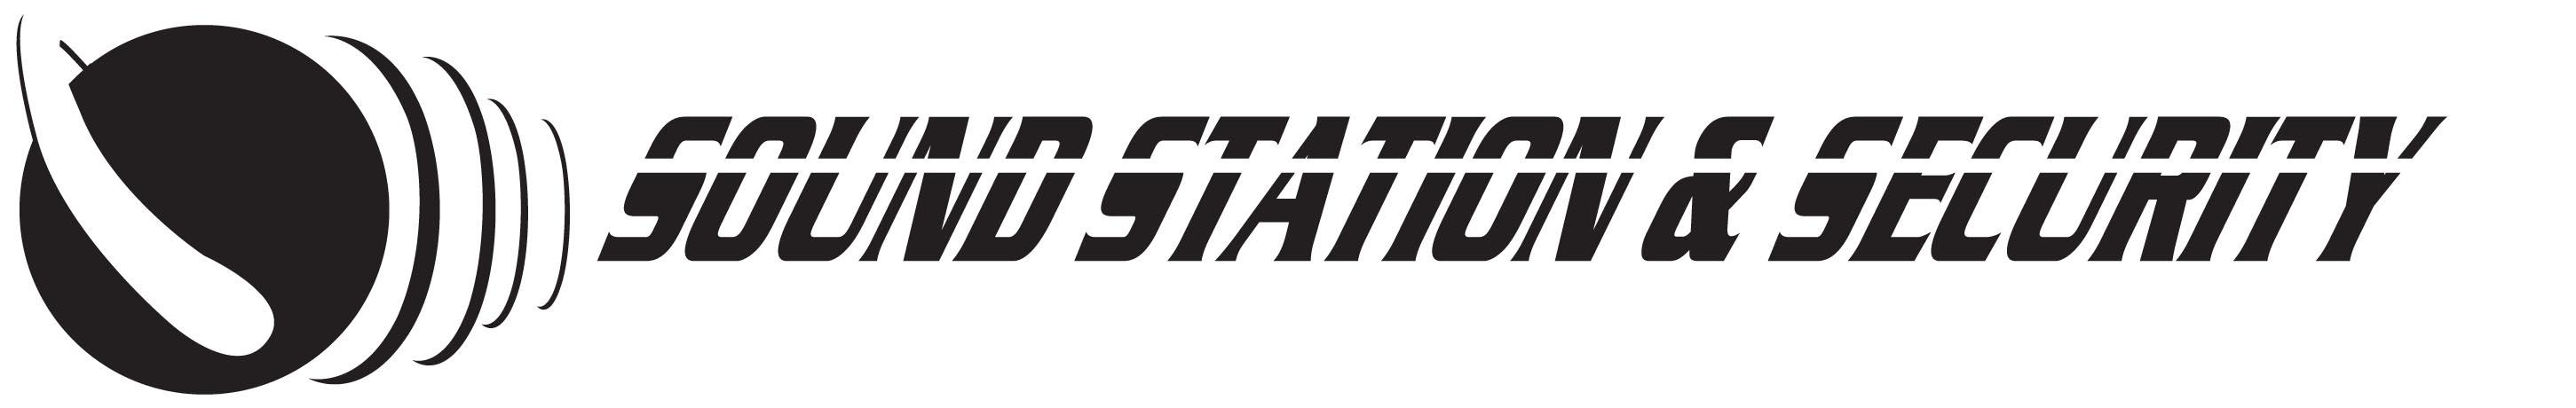 Sponsor Sound Station & Security